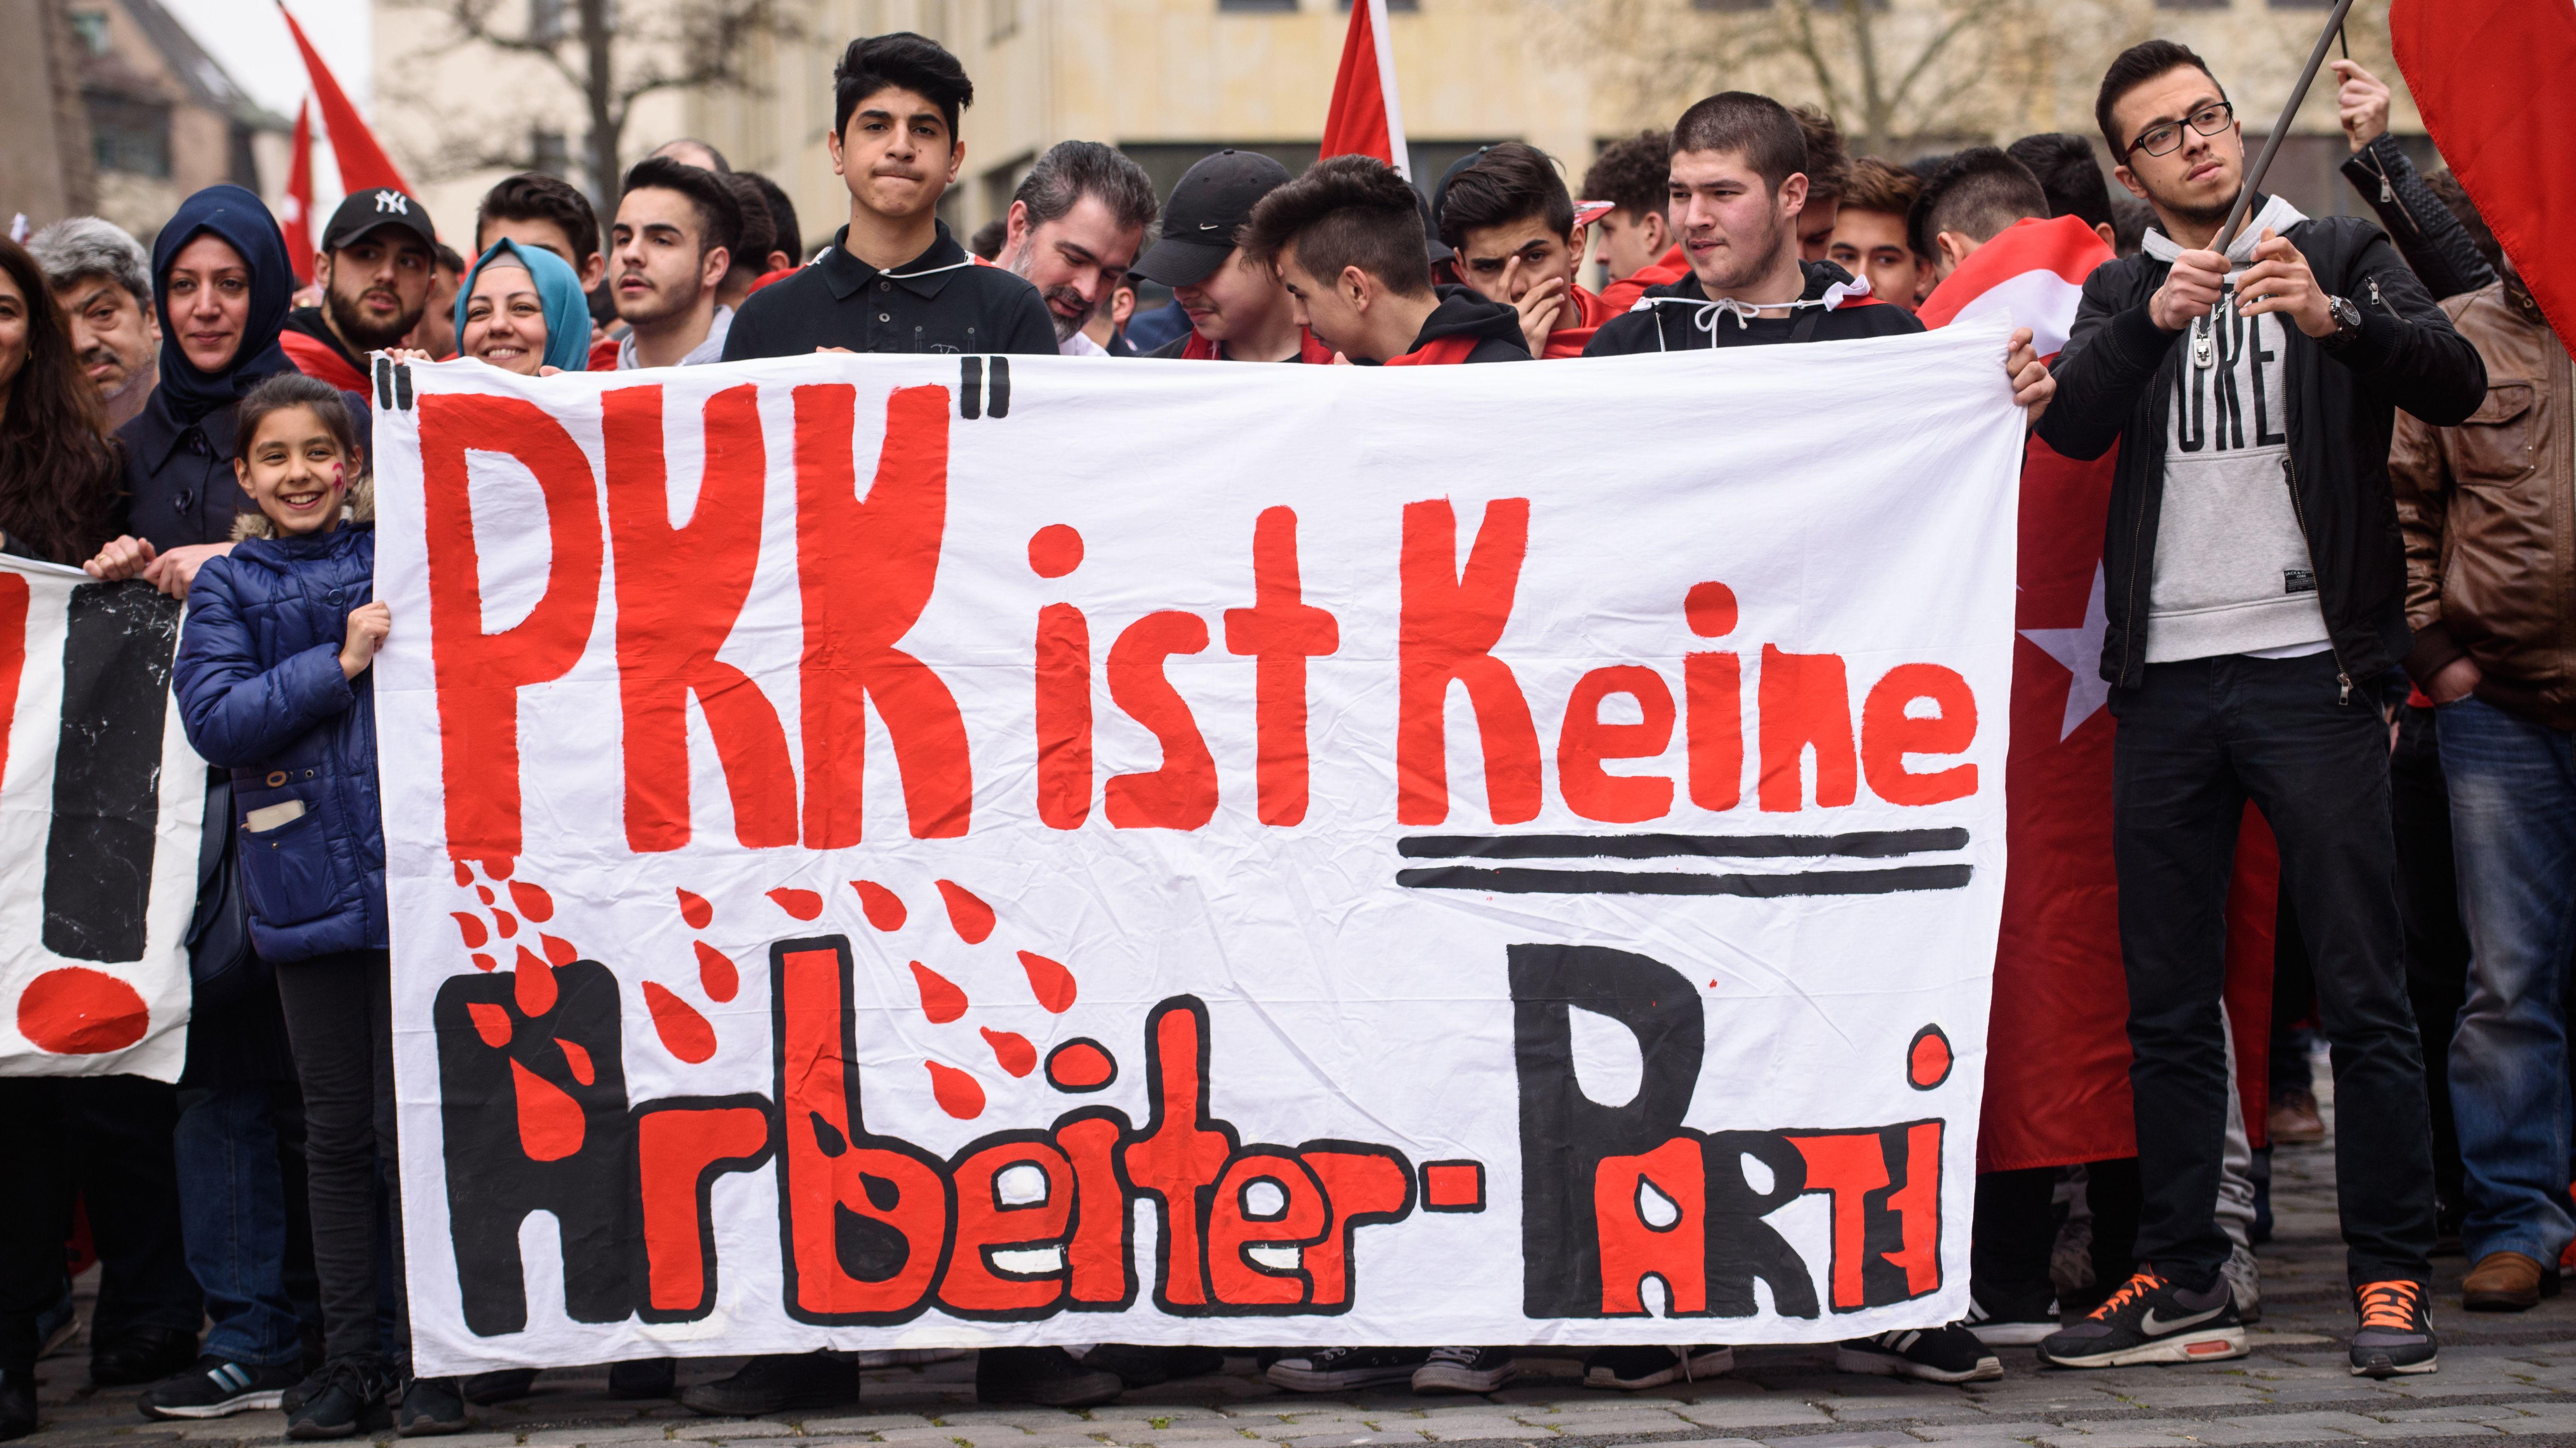 Es ist nicht das erste Mal, dass Türken und Kurden in Nürnberg auf die Straße gehen. Dieses Foto stammt von einer Demonstration im April 2016.